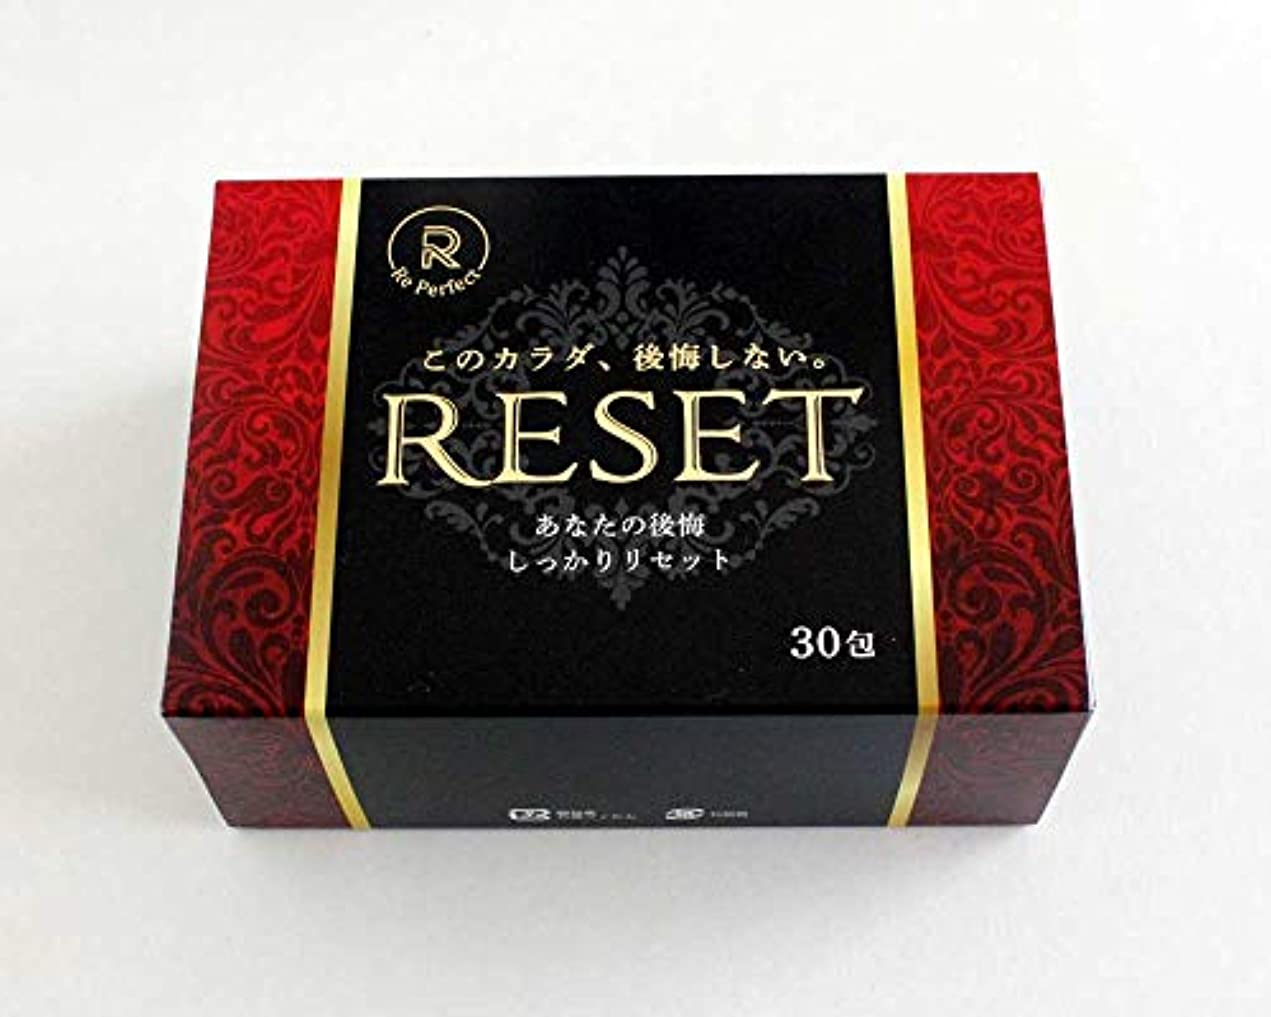 インペリアルしかしながら鰐RESET(リセット)食べ過ぎた食事&アルコールの代謝?分解をサポートサプリ